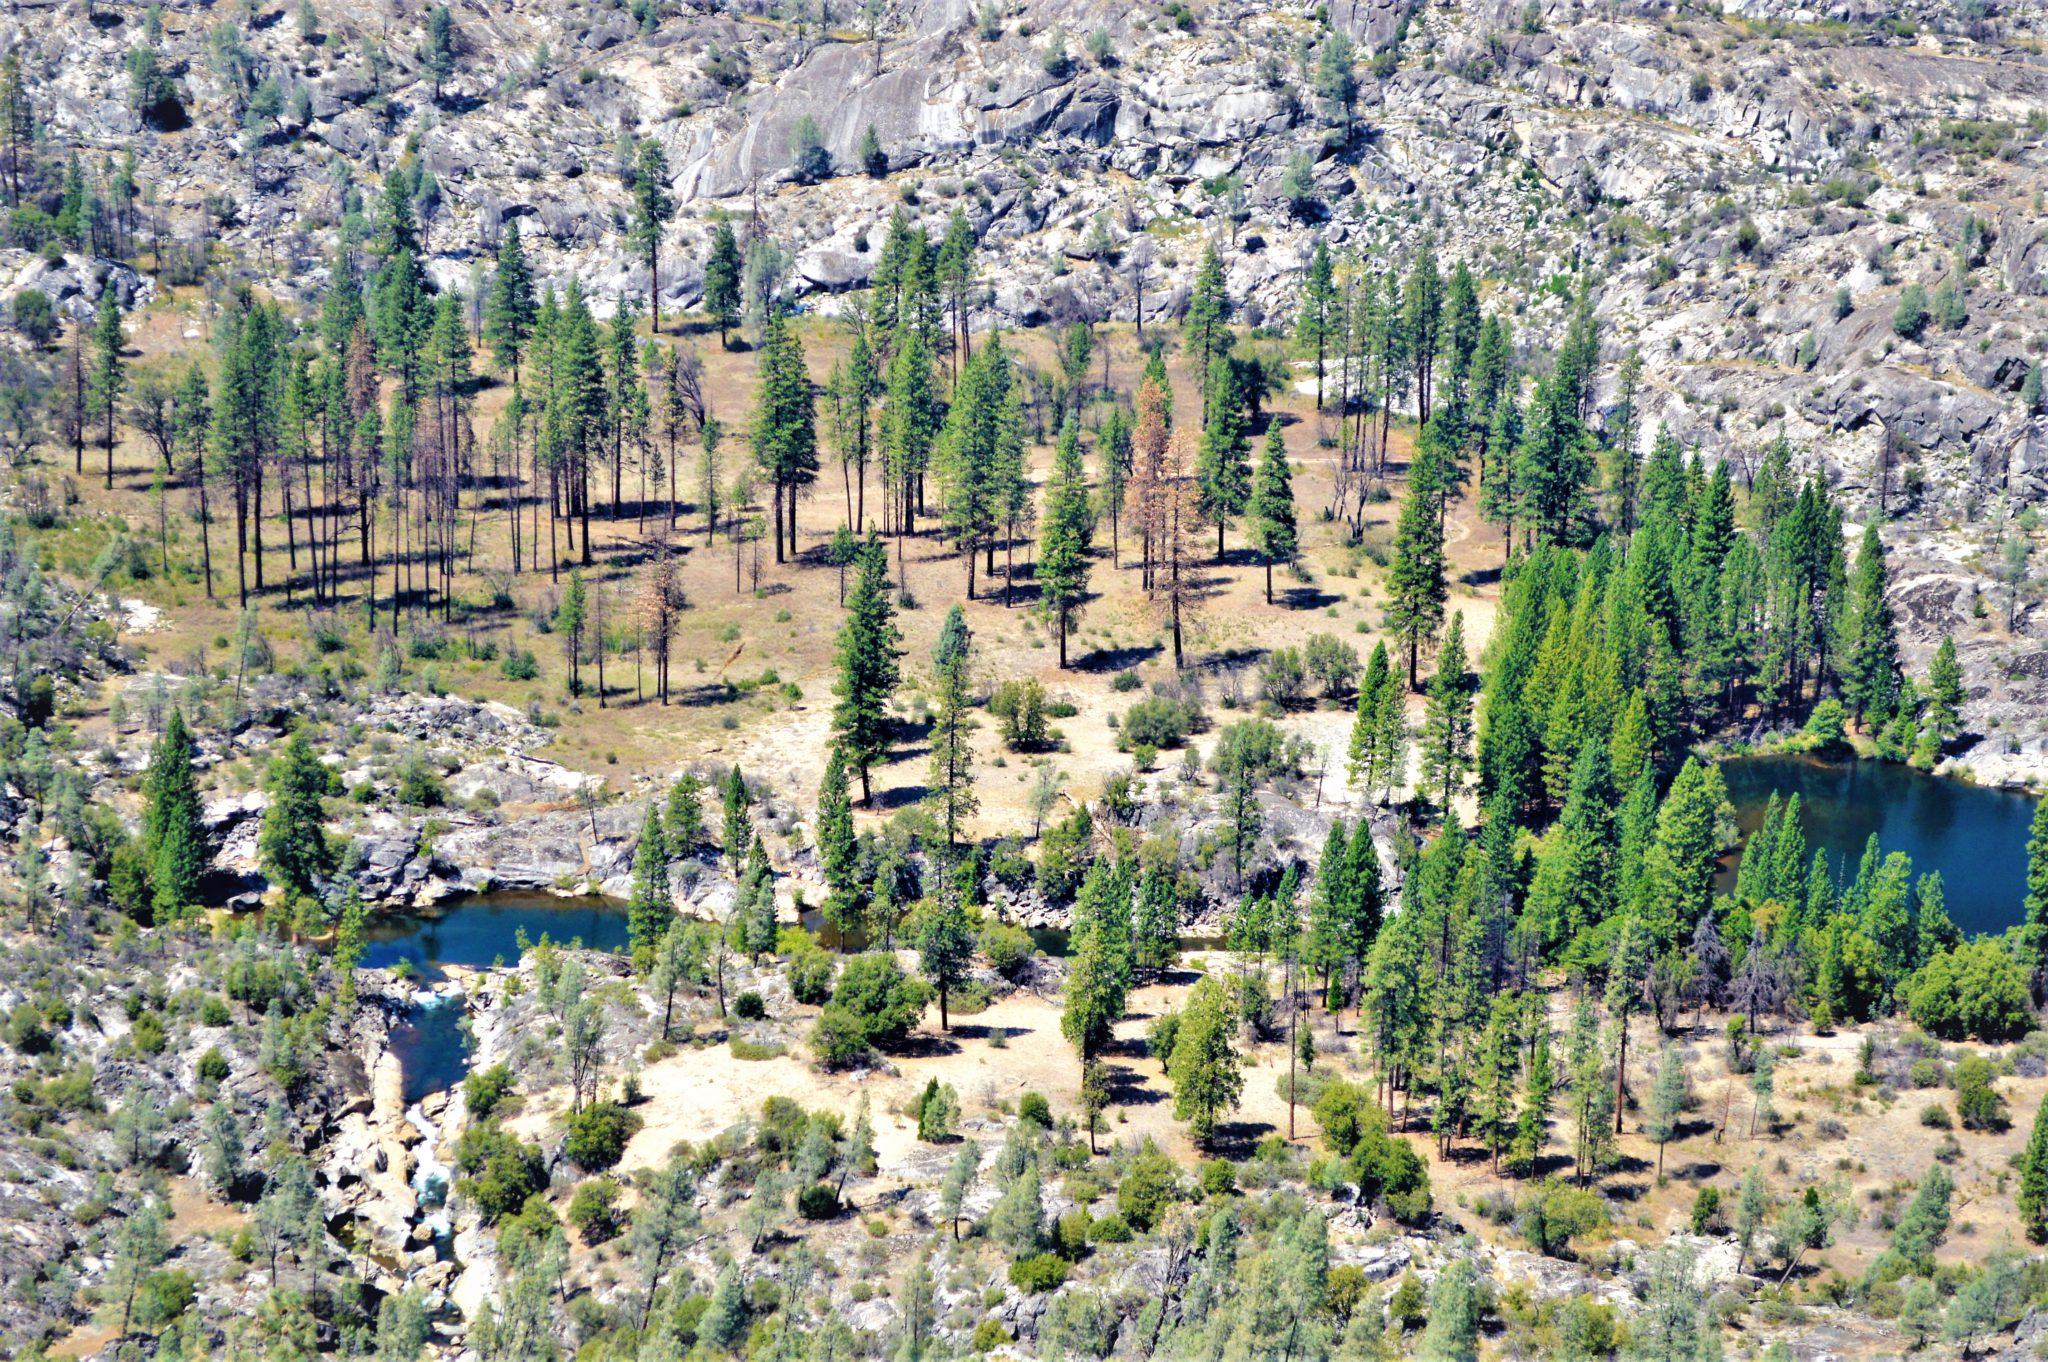 Hetch Hetchy landscape, Yosemite, California